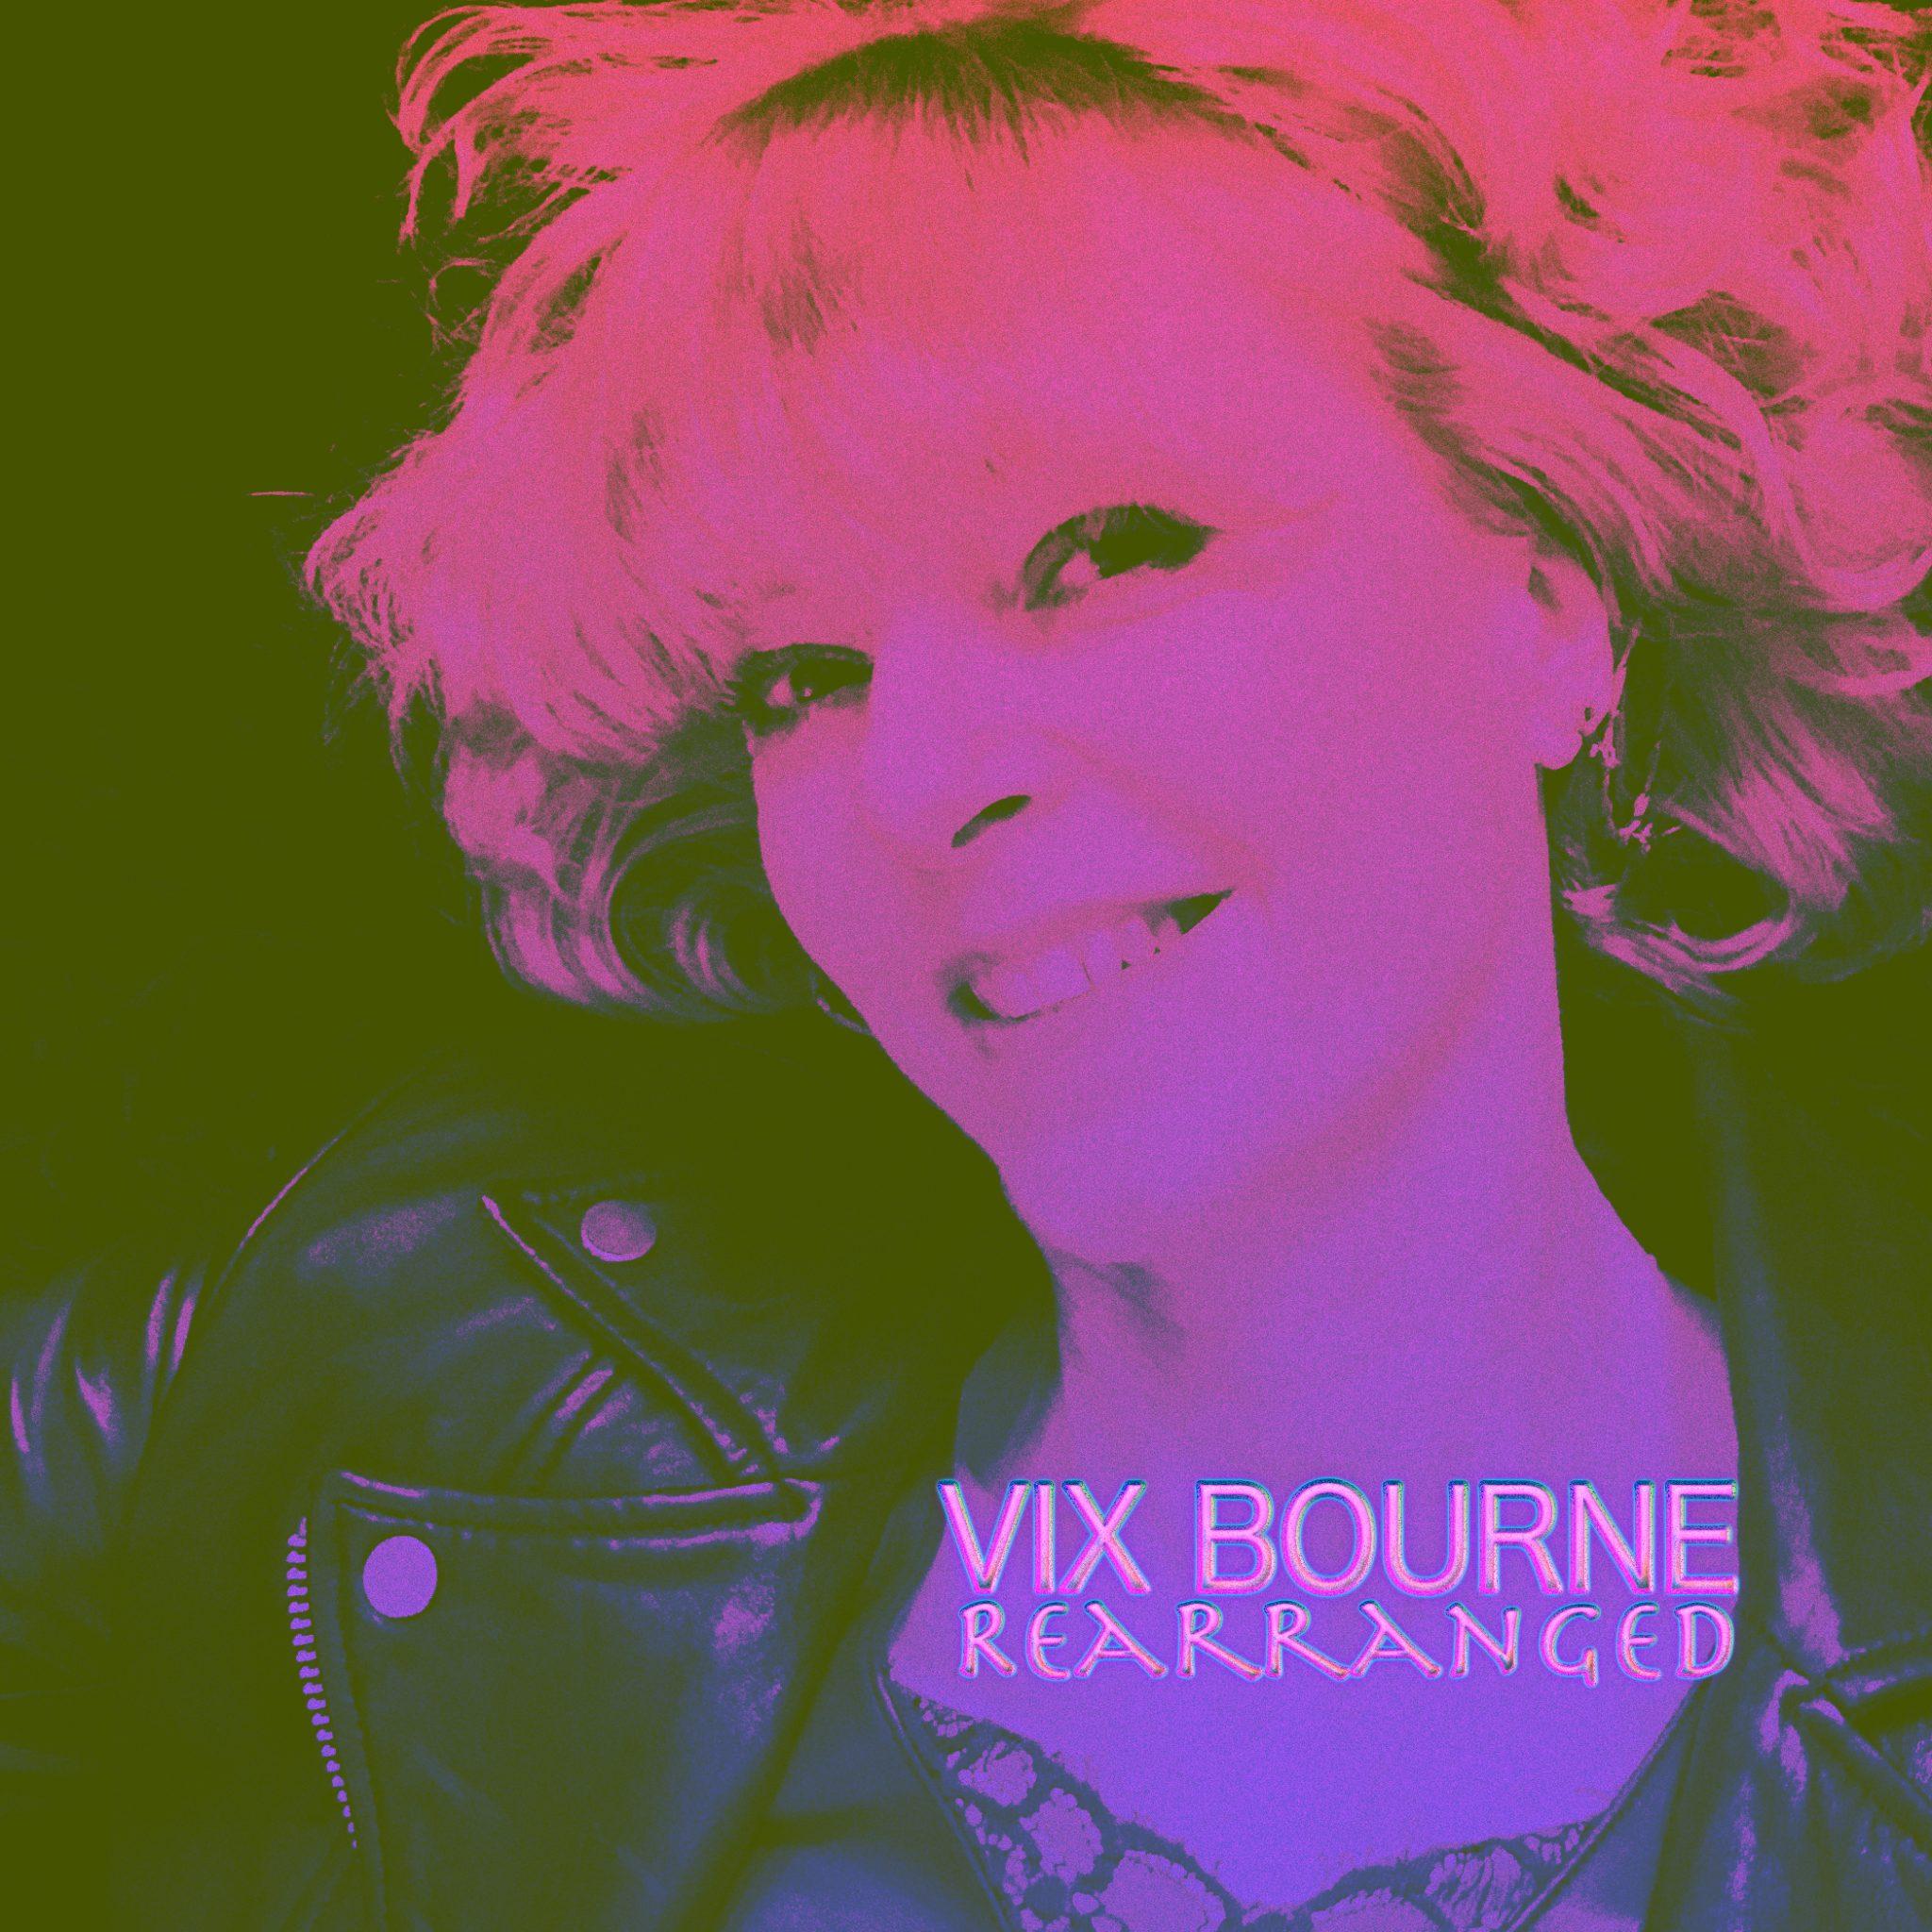 Vix Bourne